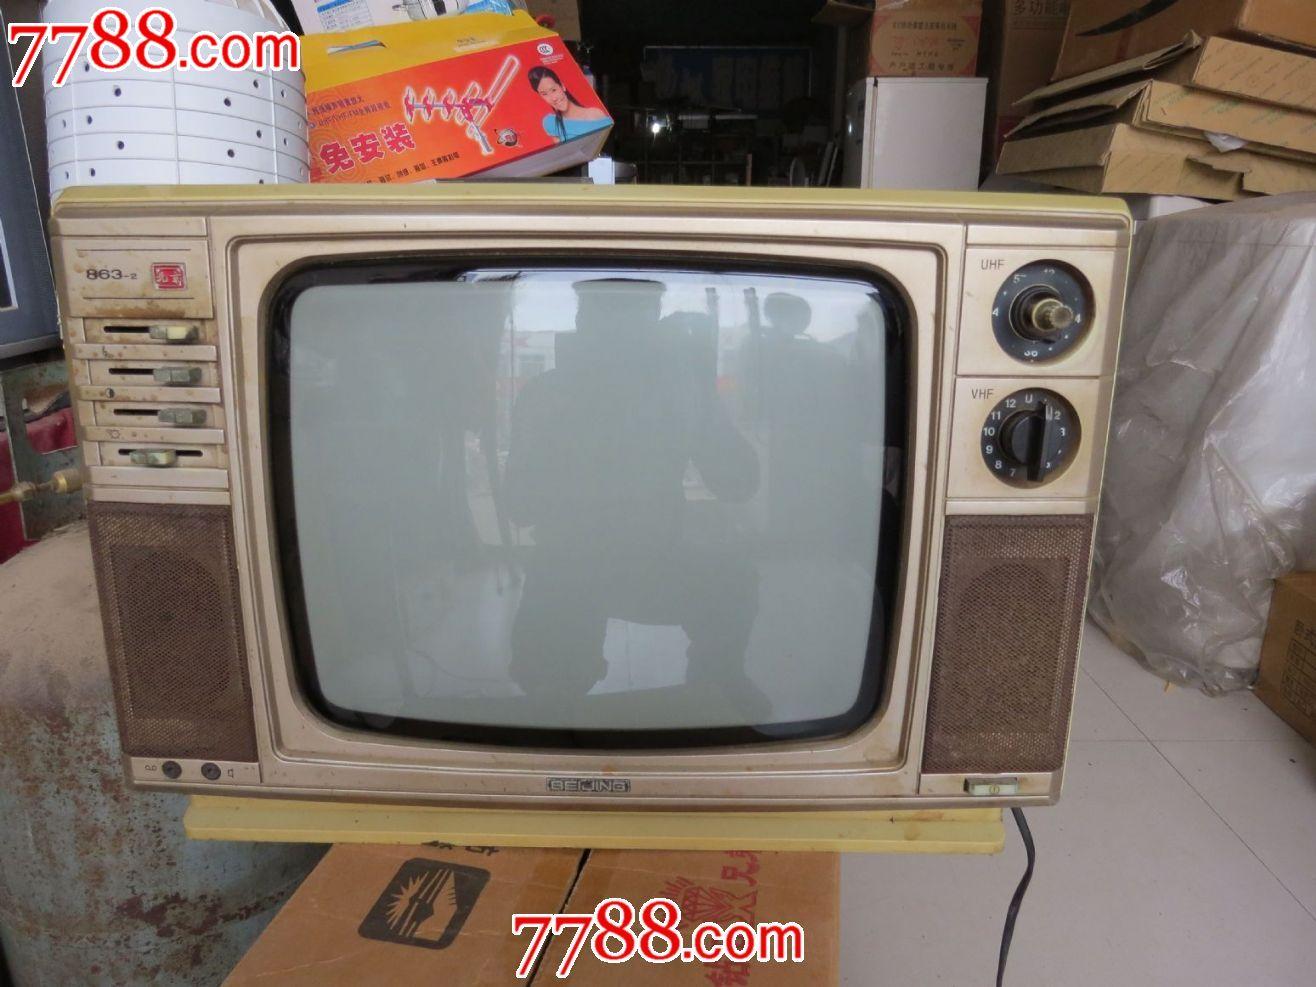 北京牌黑白电视-电视机--se24678217-零售-七